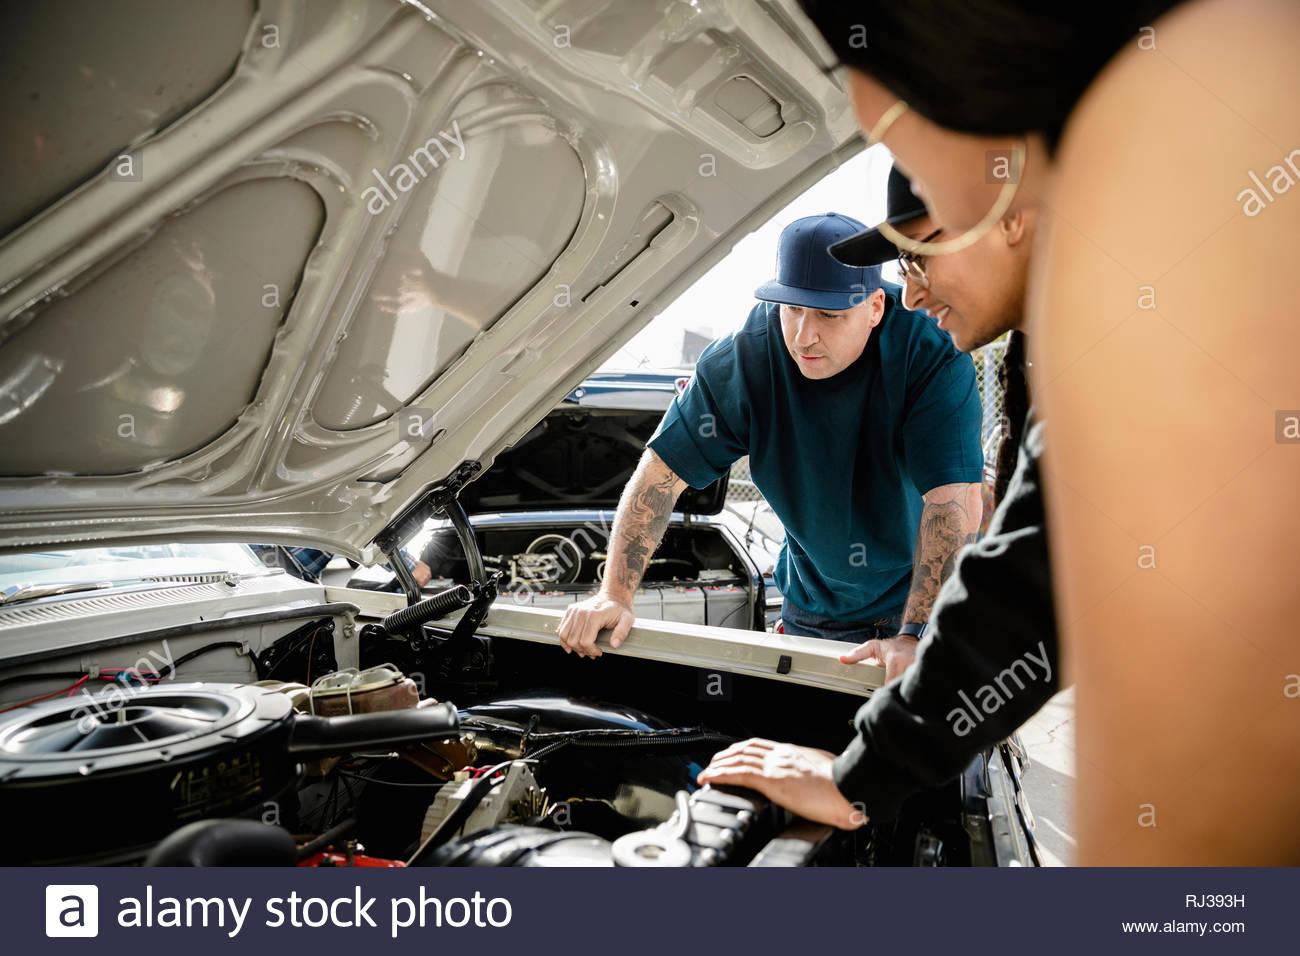 Amigos Latinx comprobar el motor de automóvil vintage Imagen De Stock